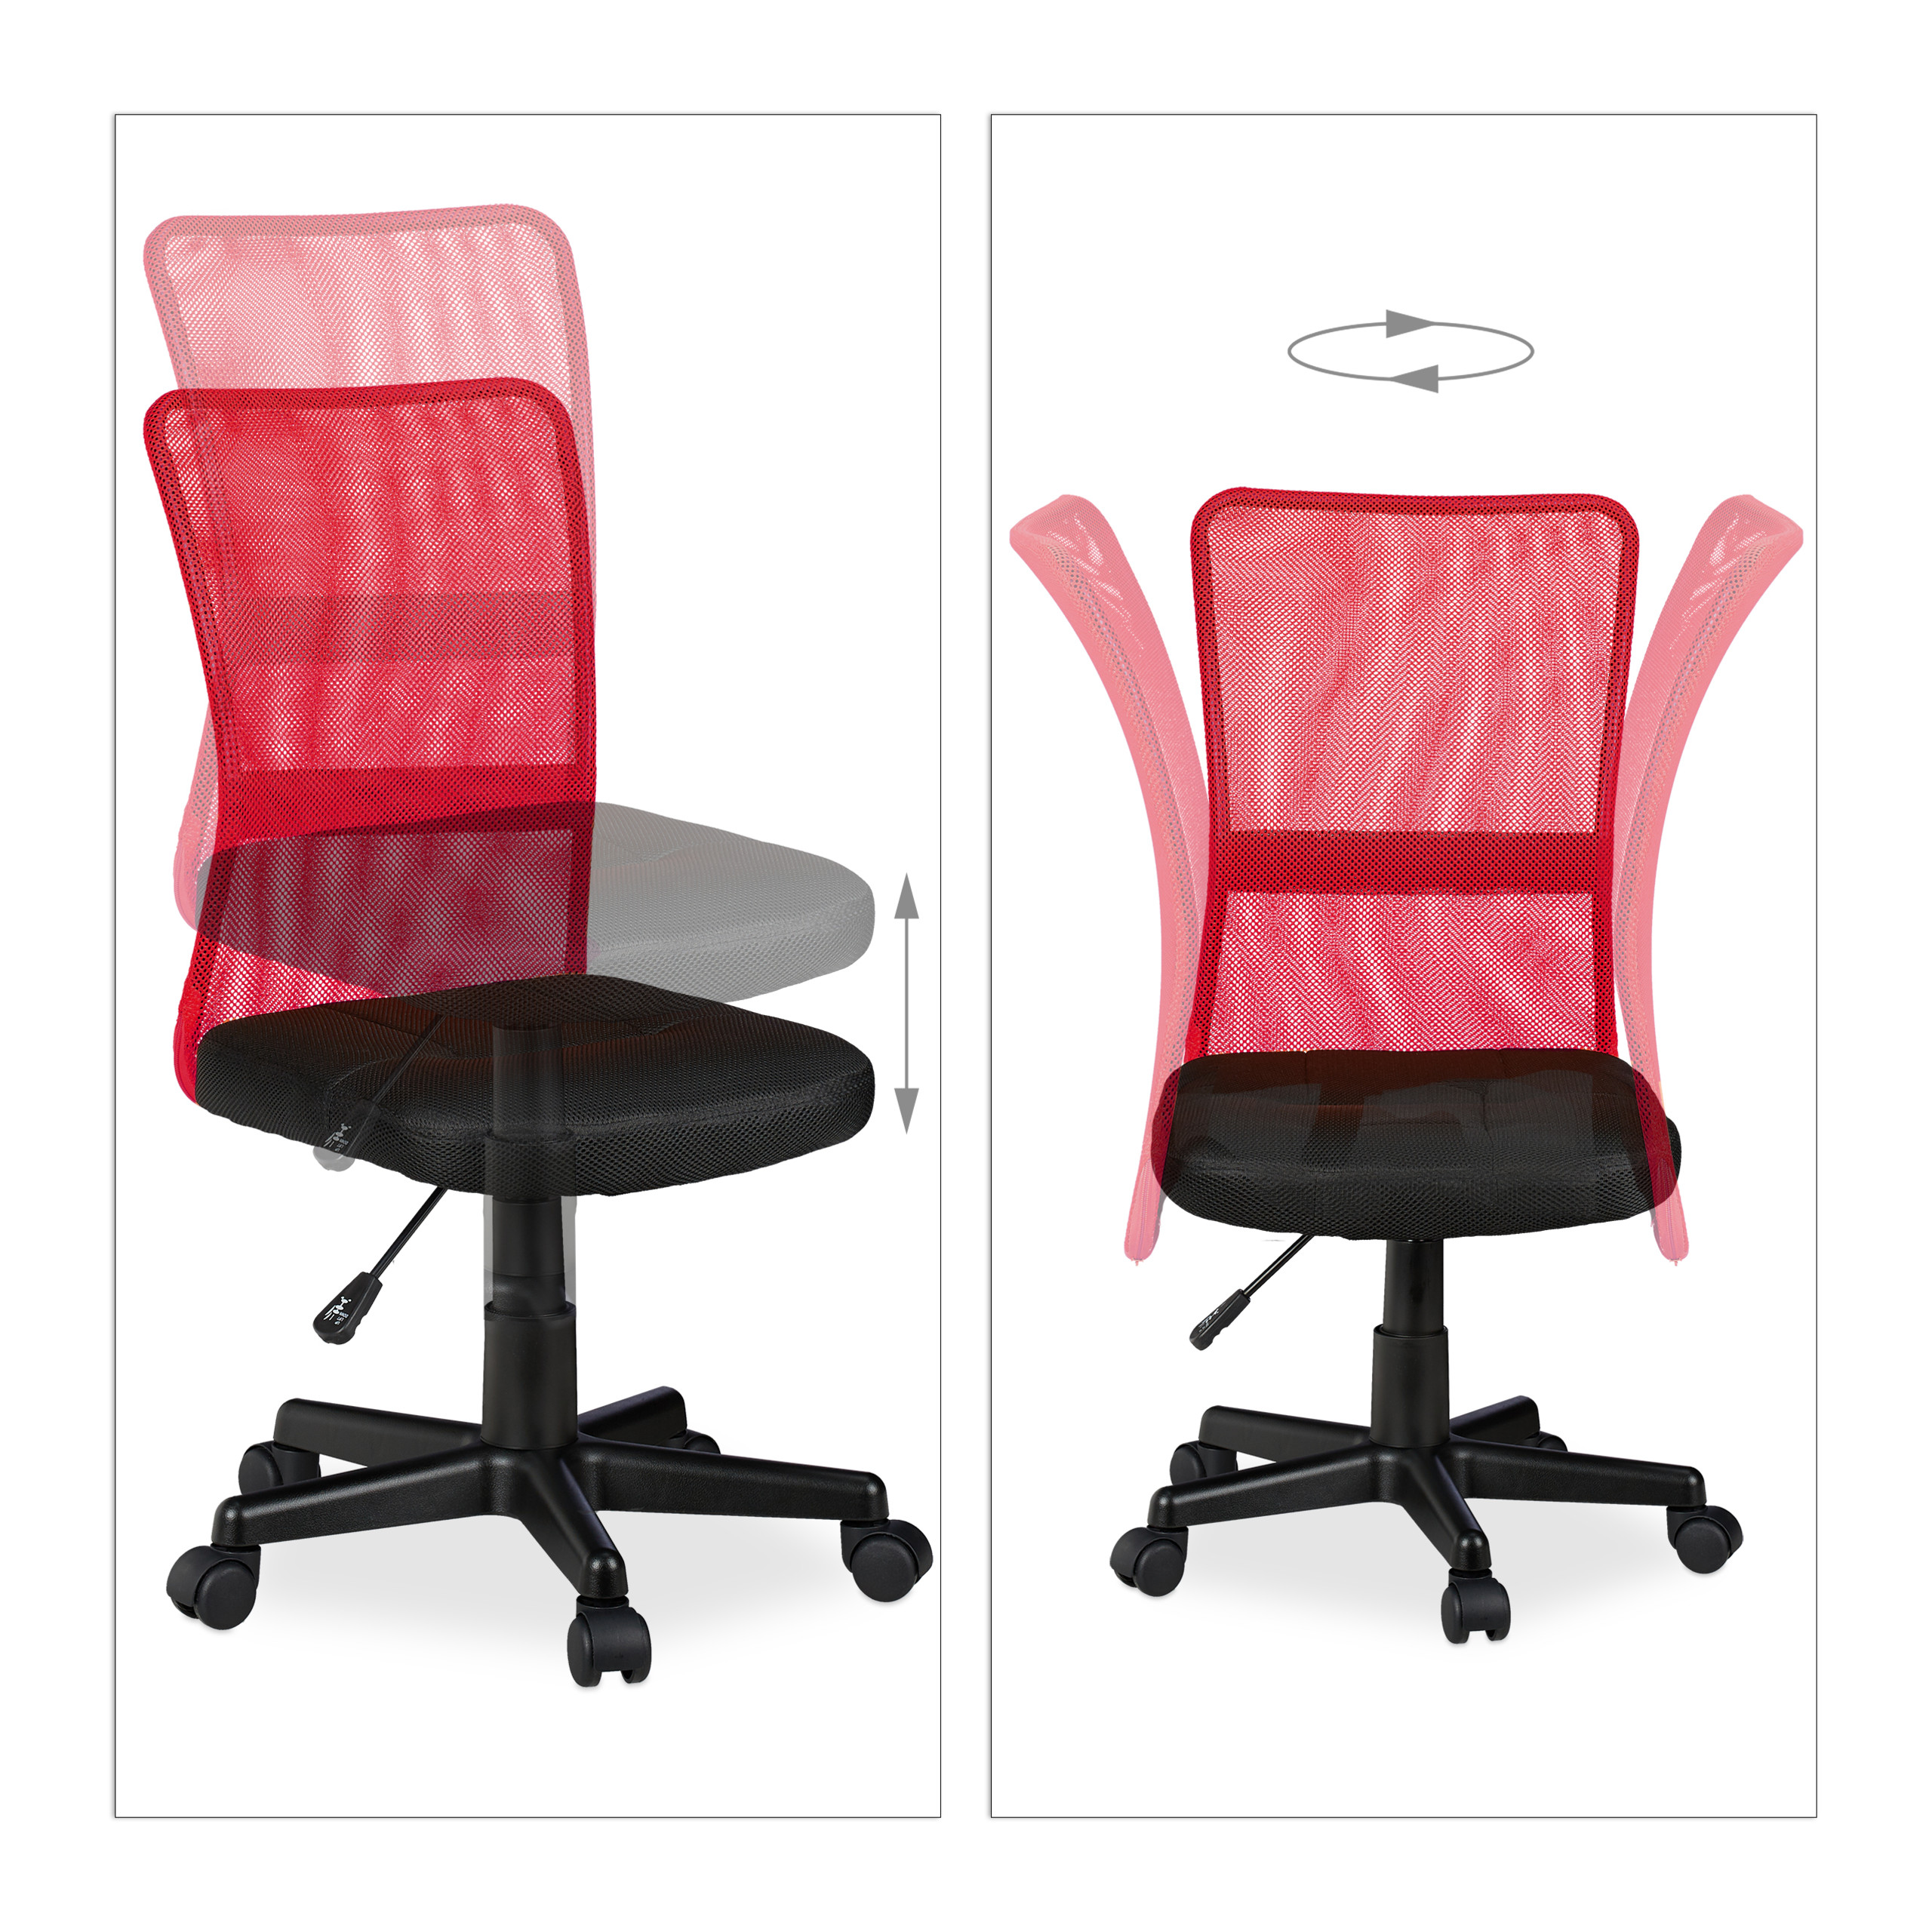 Sedia da ufficio girevole poltrona da scrivania ergonomica ...